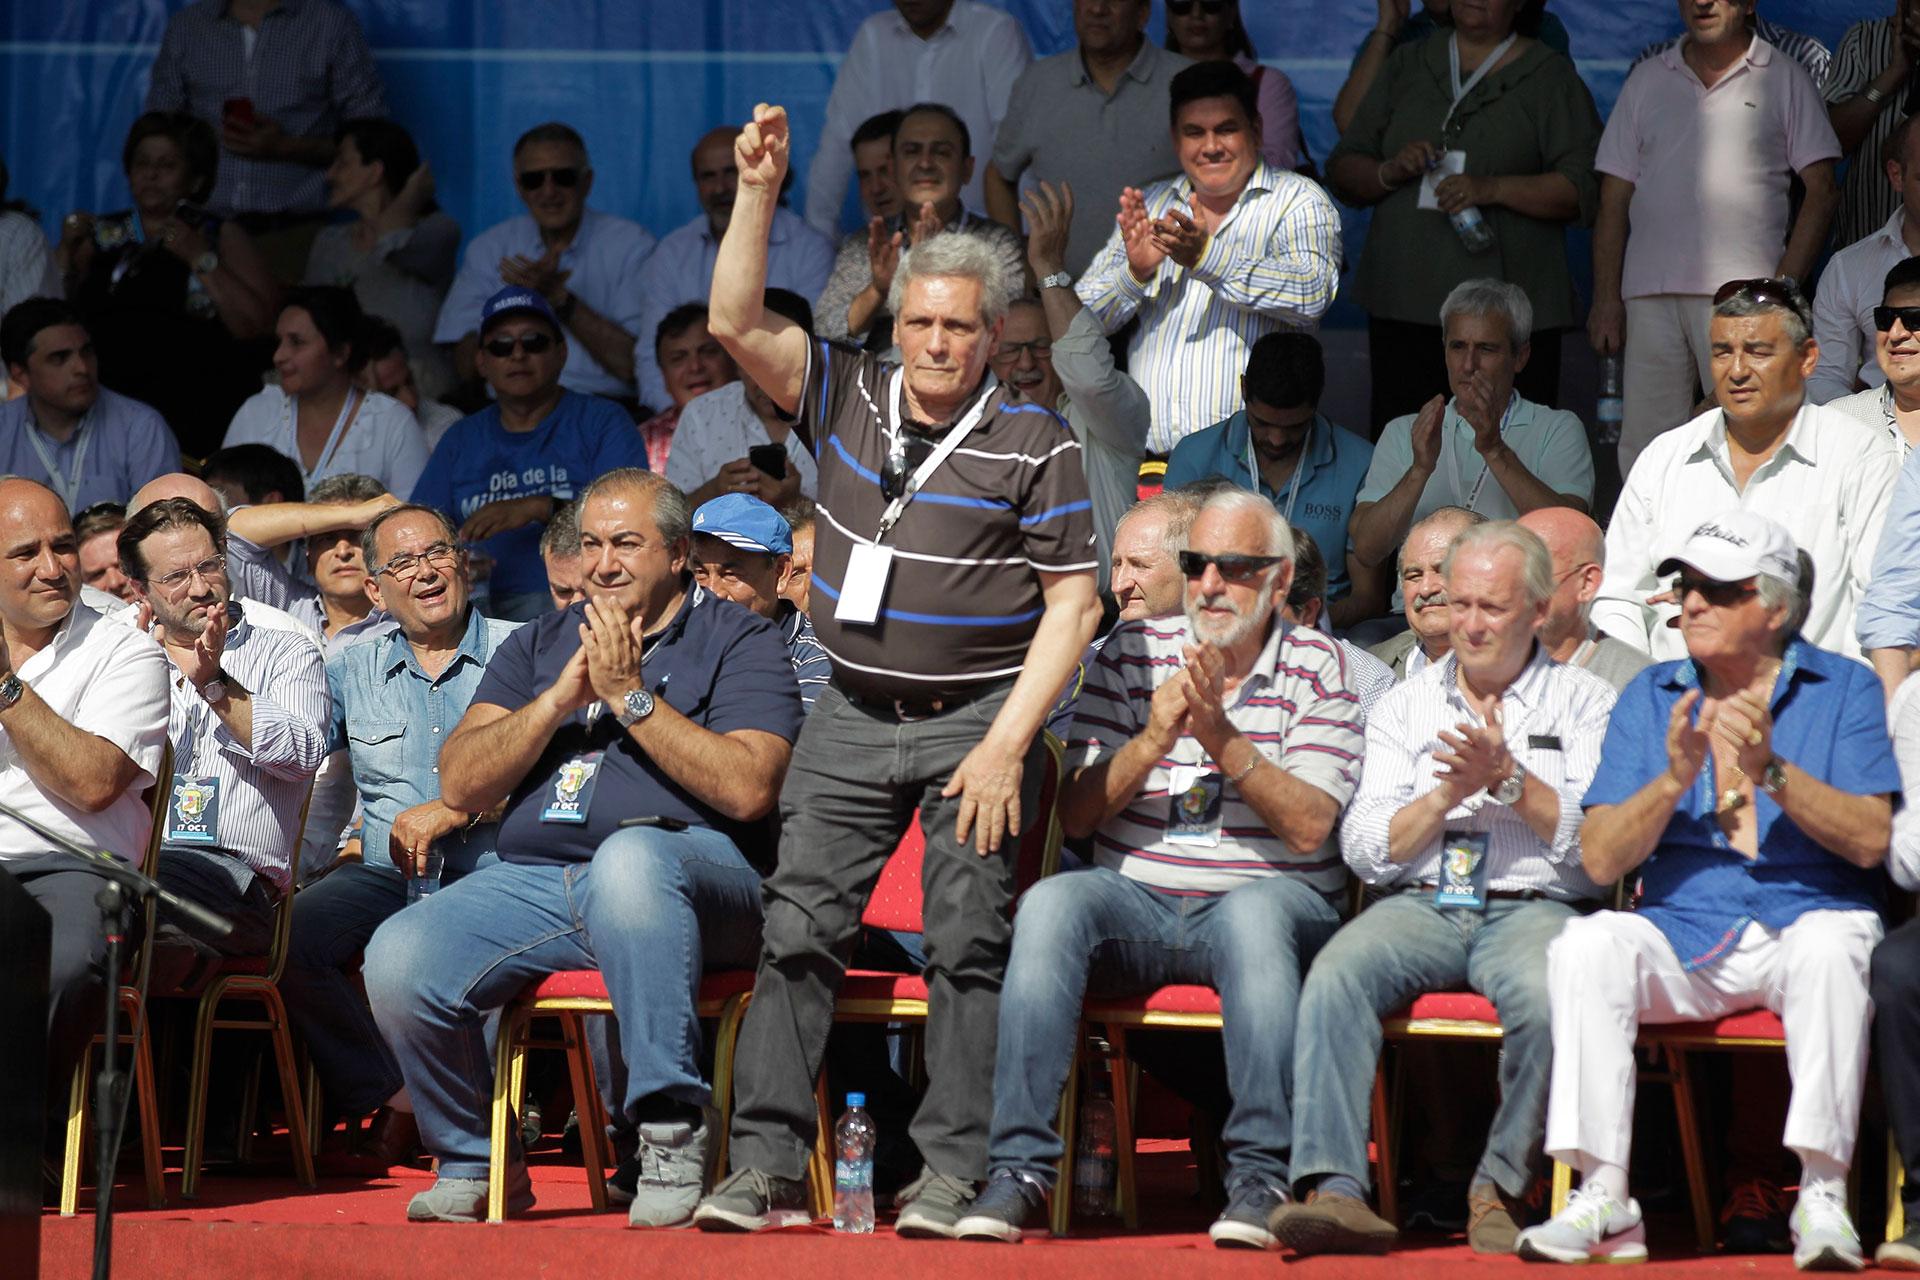 El saludo de Carlos Acuña. A su lado, Héctor Daer, Roberto Fernández, Andrés Rodríguez y Luis Barrionuevo